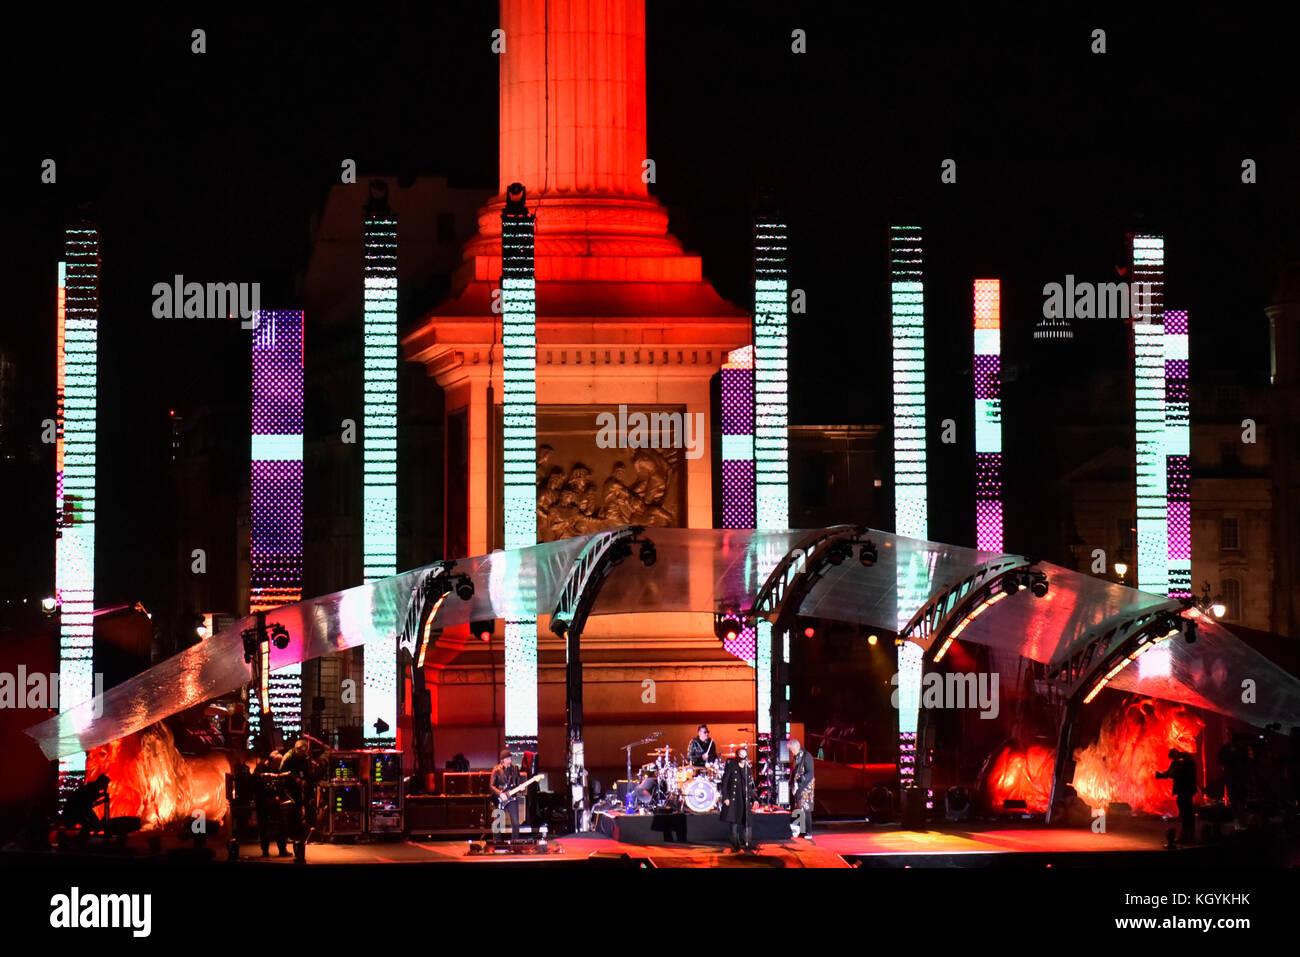 U2 Concert Fans Stock Photos & U2 Concert Fans Stock Images - Alamy